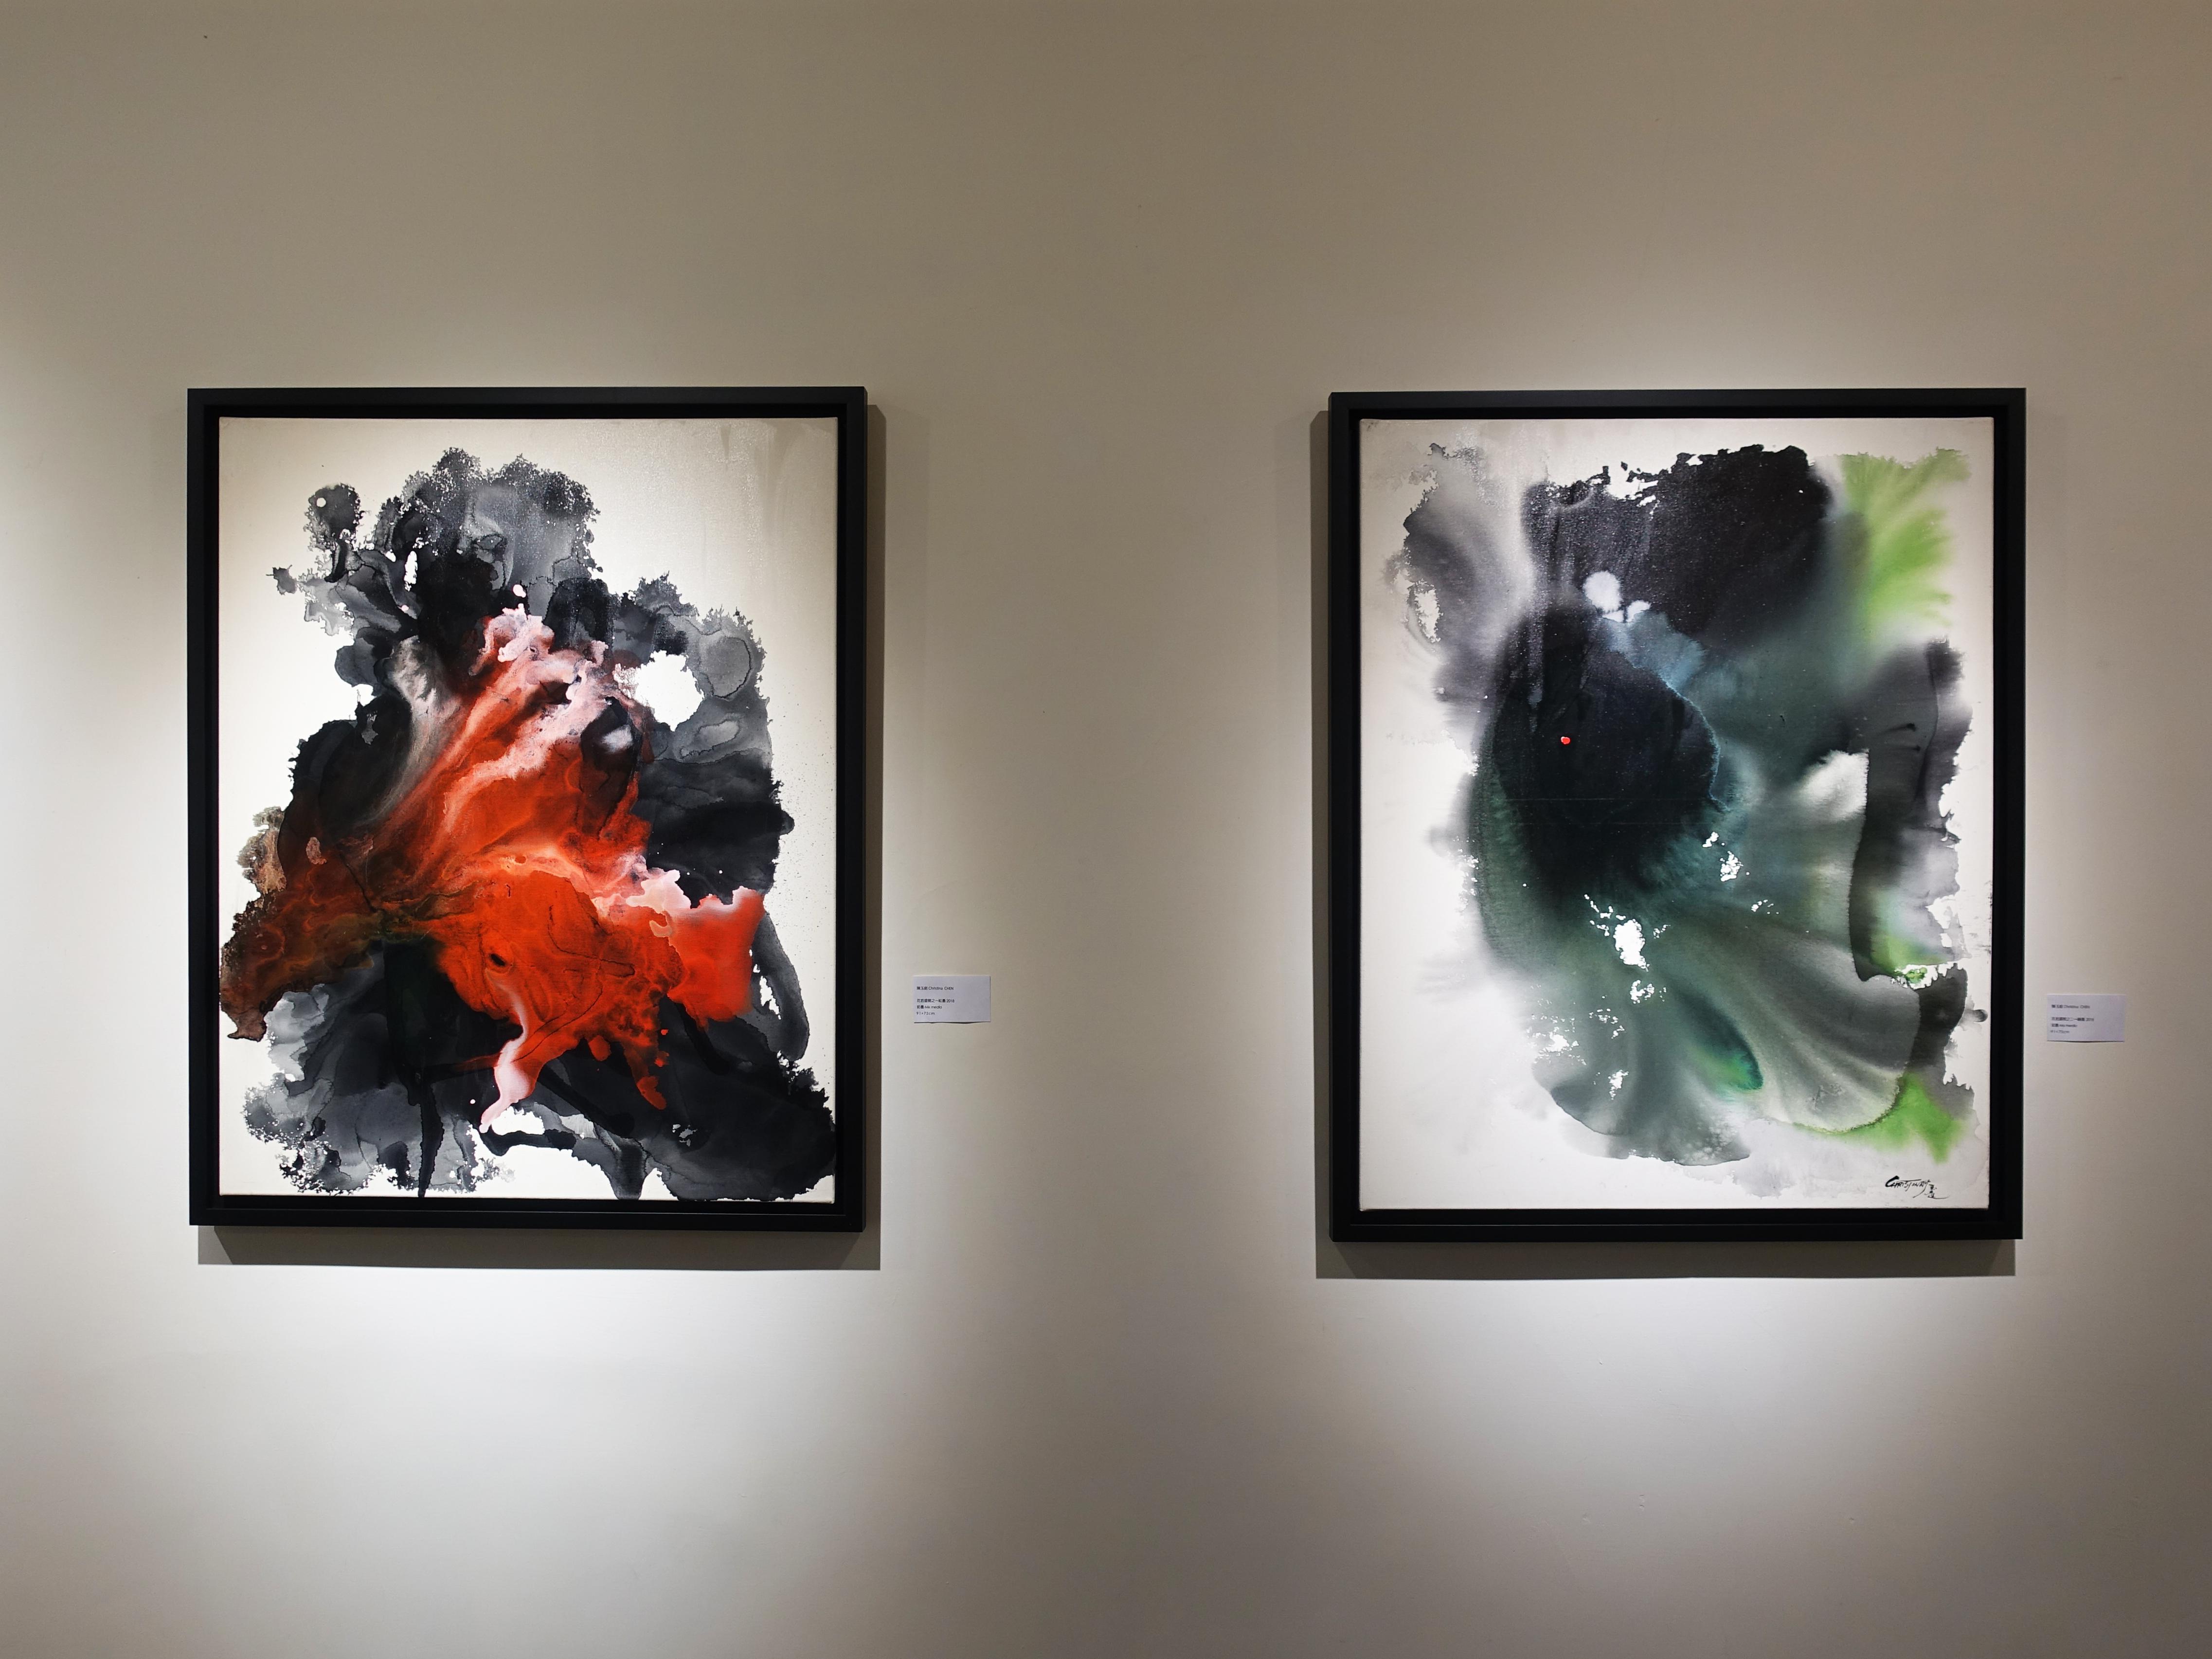 藝星藝術中心展出藝術家陳玉庭創作個展《春暖花開》。